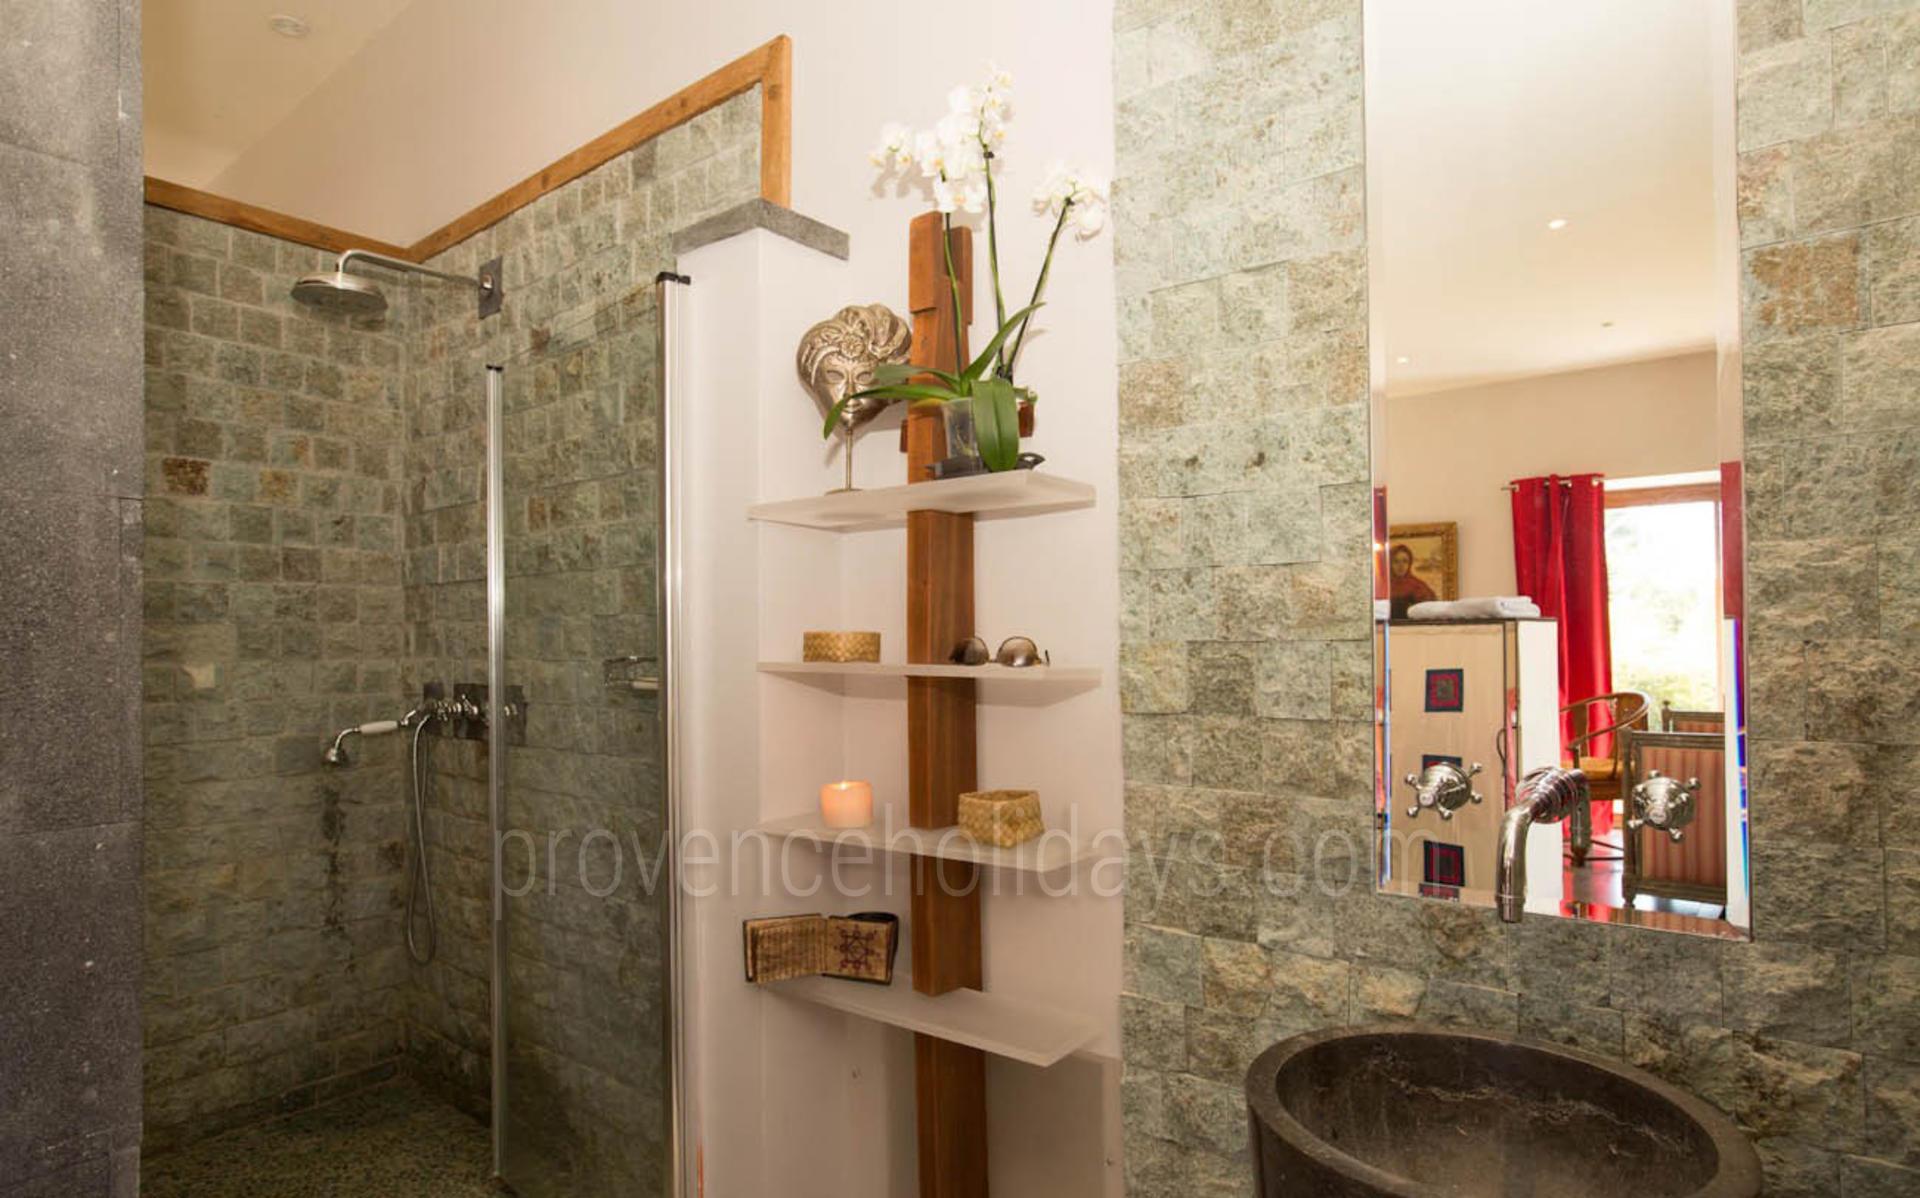 maison contemporaine avec climatisation proche d 39 aix en provence. Black Bedroom Furniture Sets. Home Design Ideas